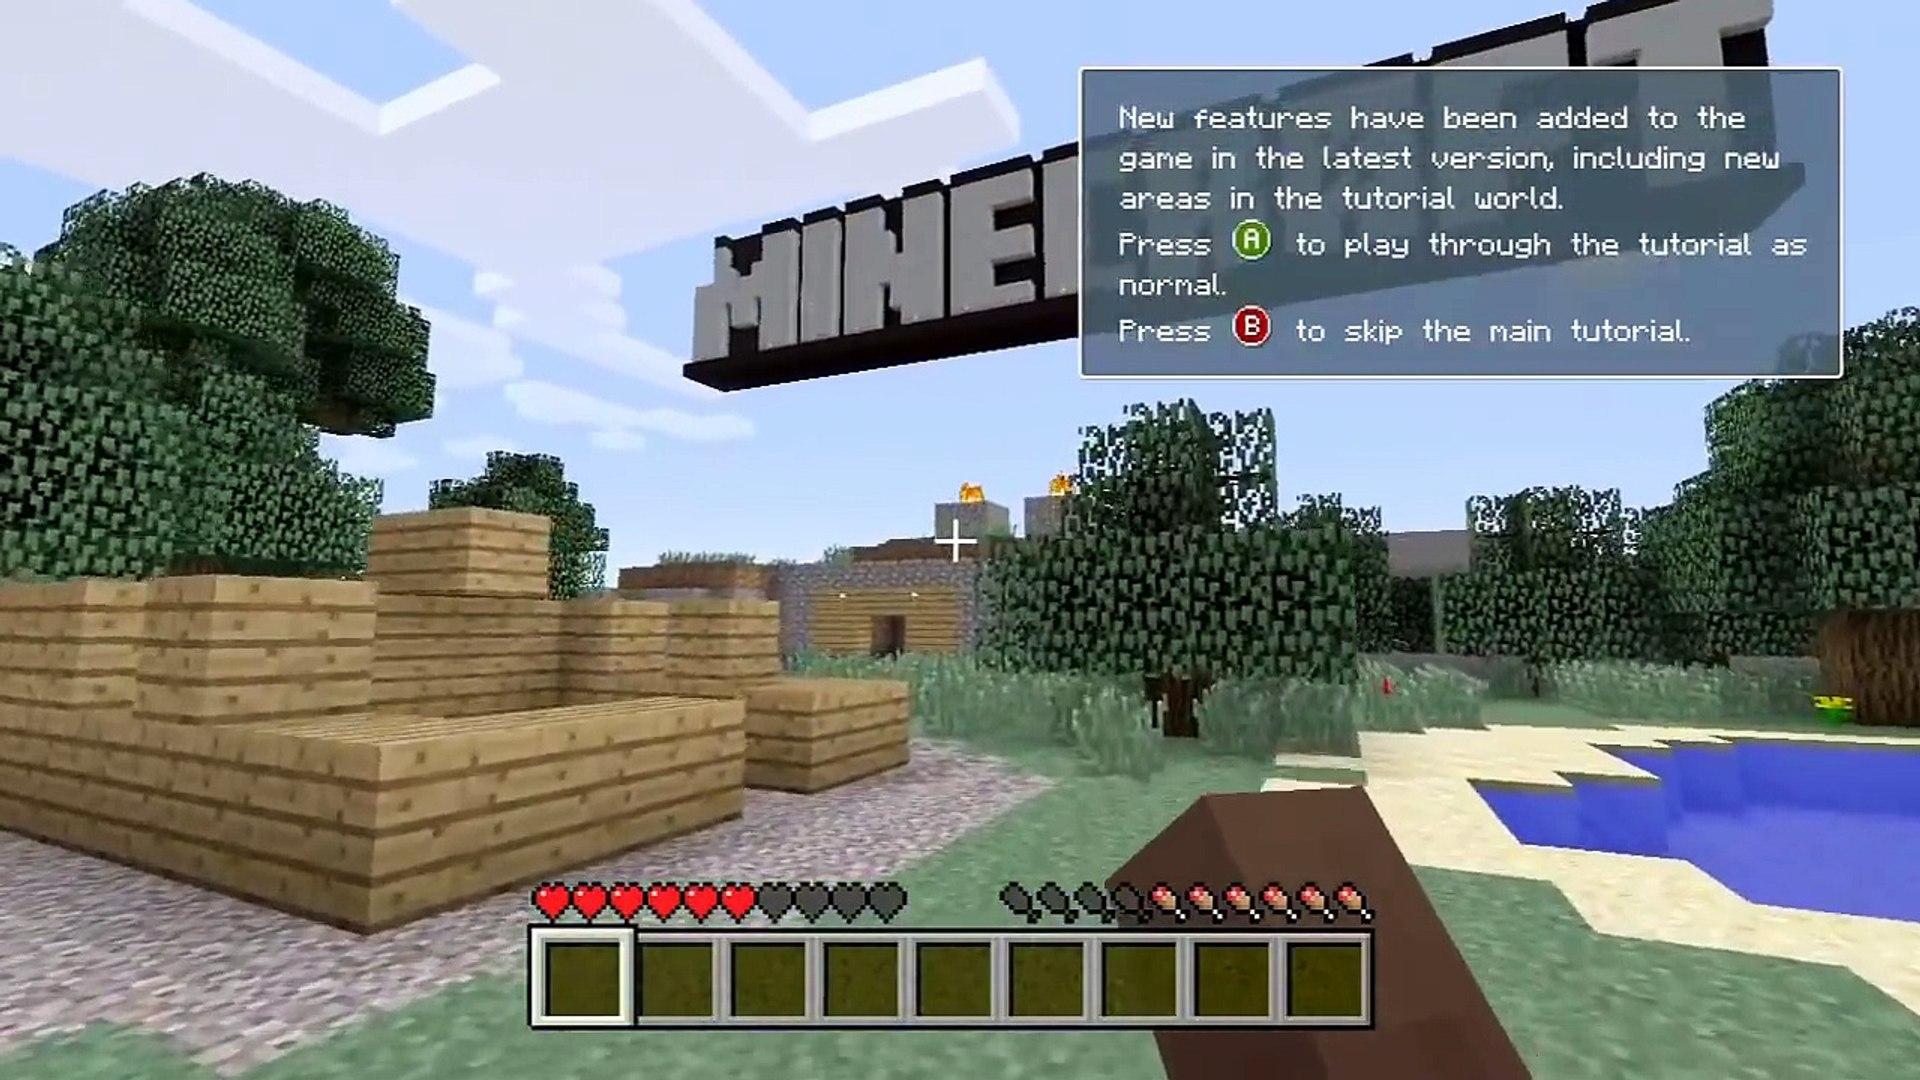 Minecraft (Xbox 360) - All 12 Hidden Chests - Tutorial World! - Walkthrough